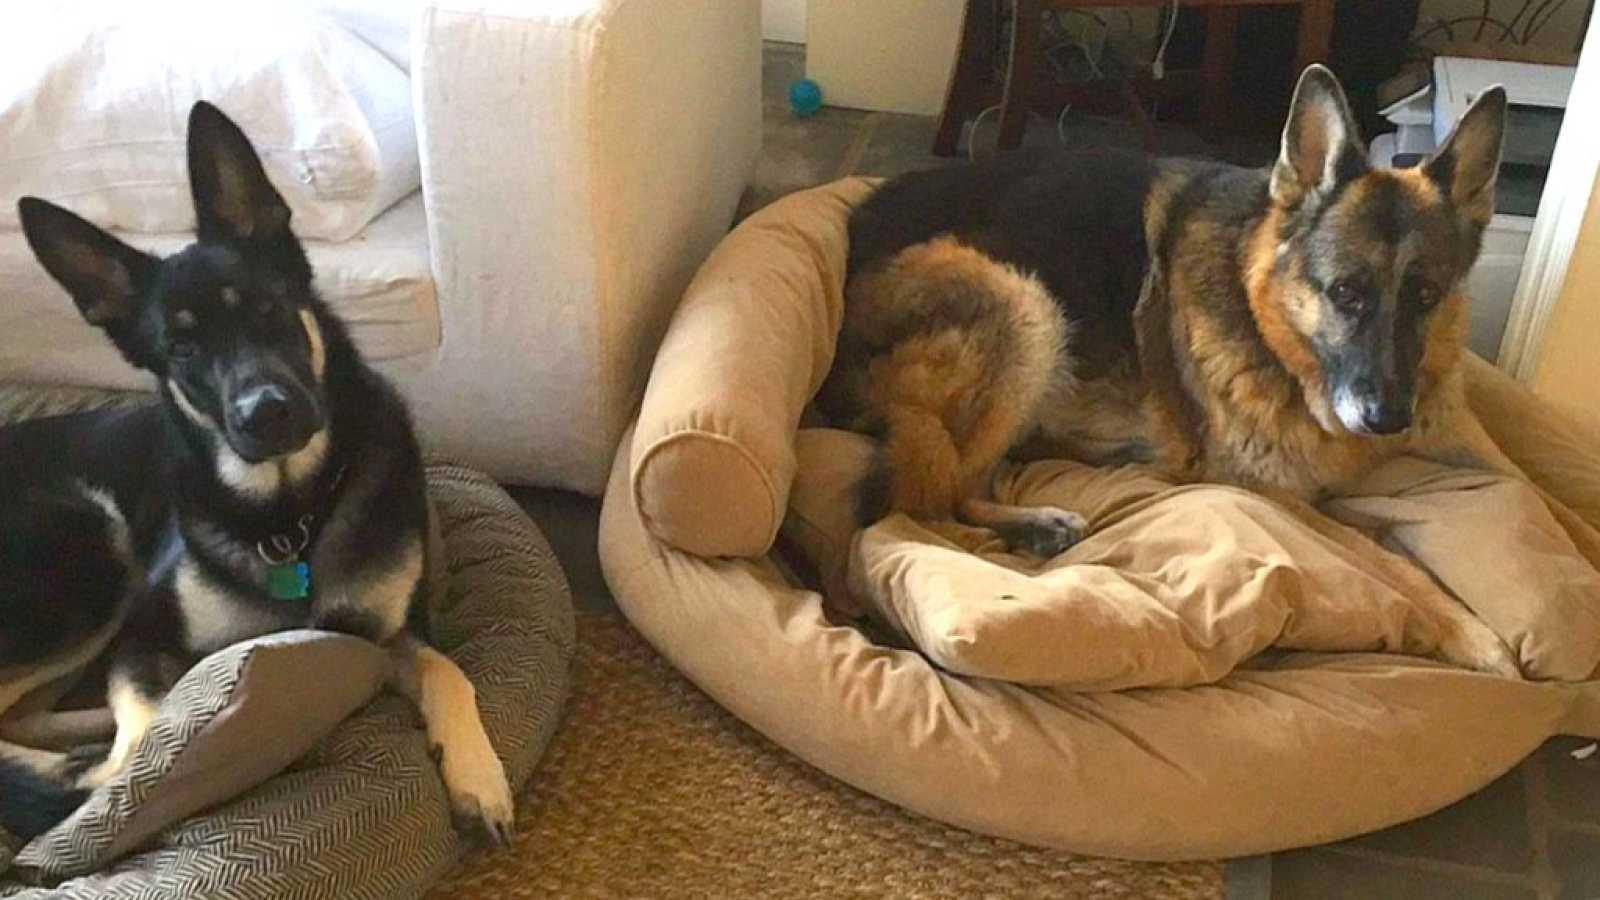 Cinco pistas - Una historia de perretes presidenciales - 11/11/20 - escuchar ahora